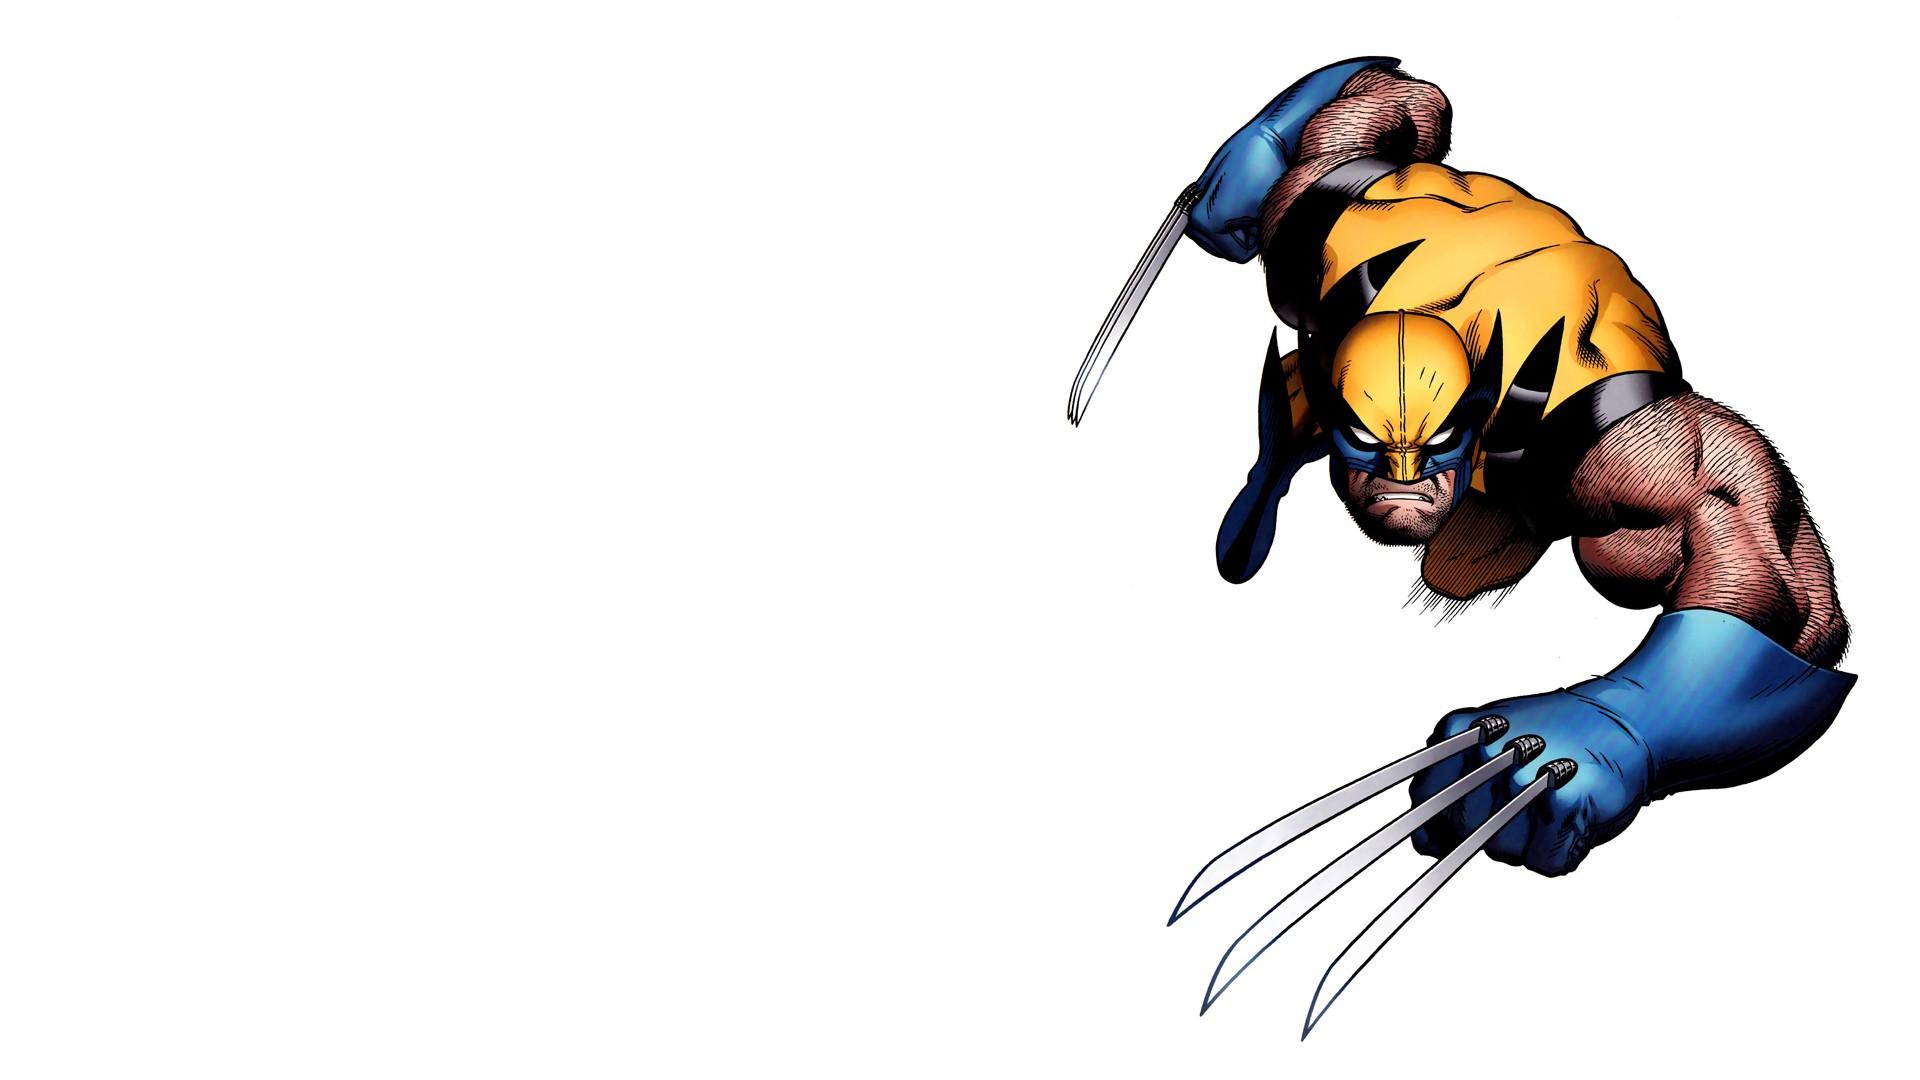 Wallpaper Illustration White Background Wolverine Cartoon